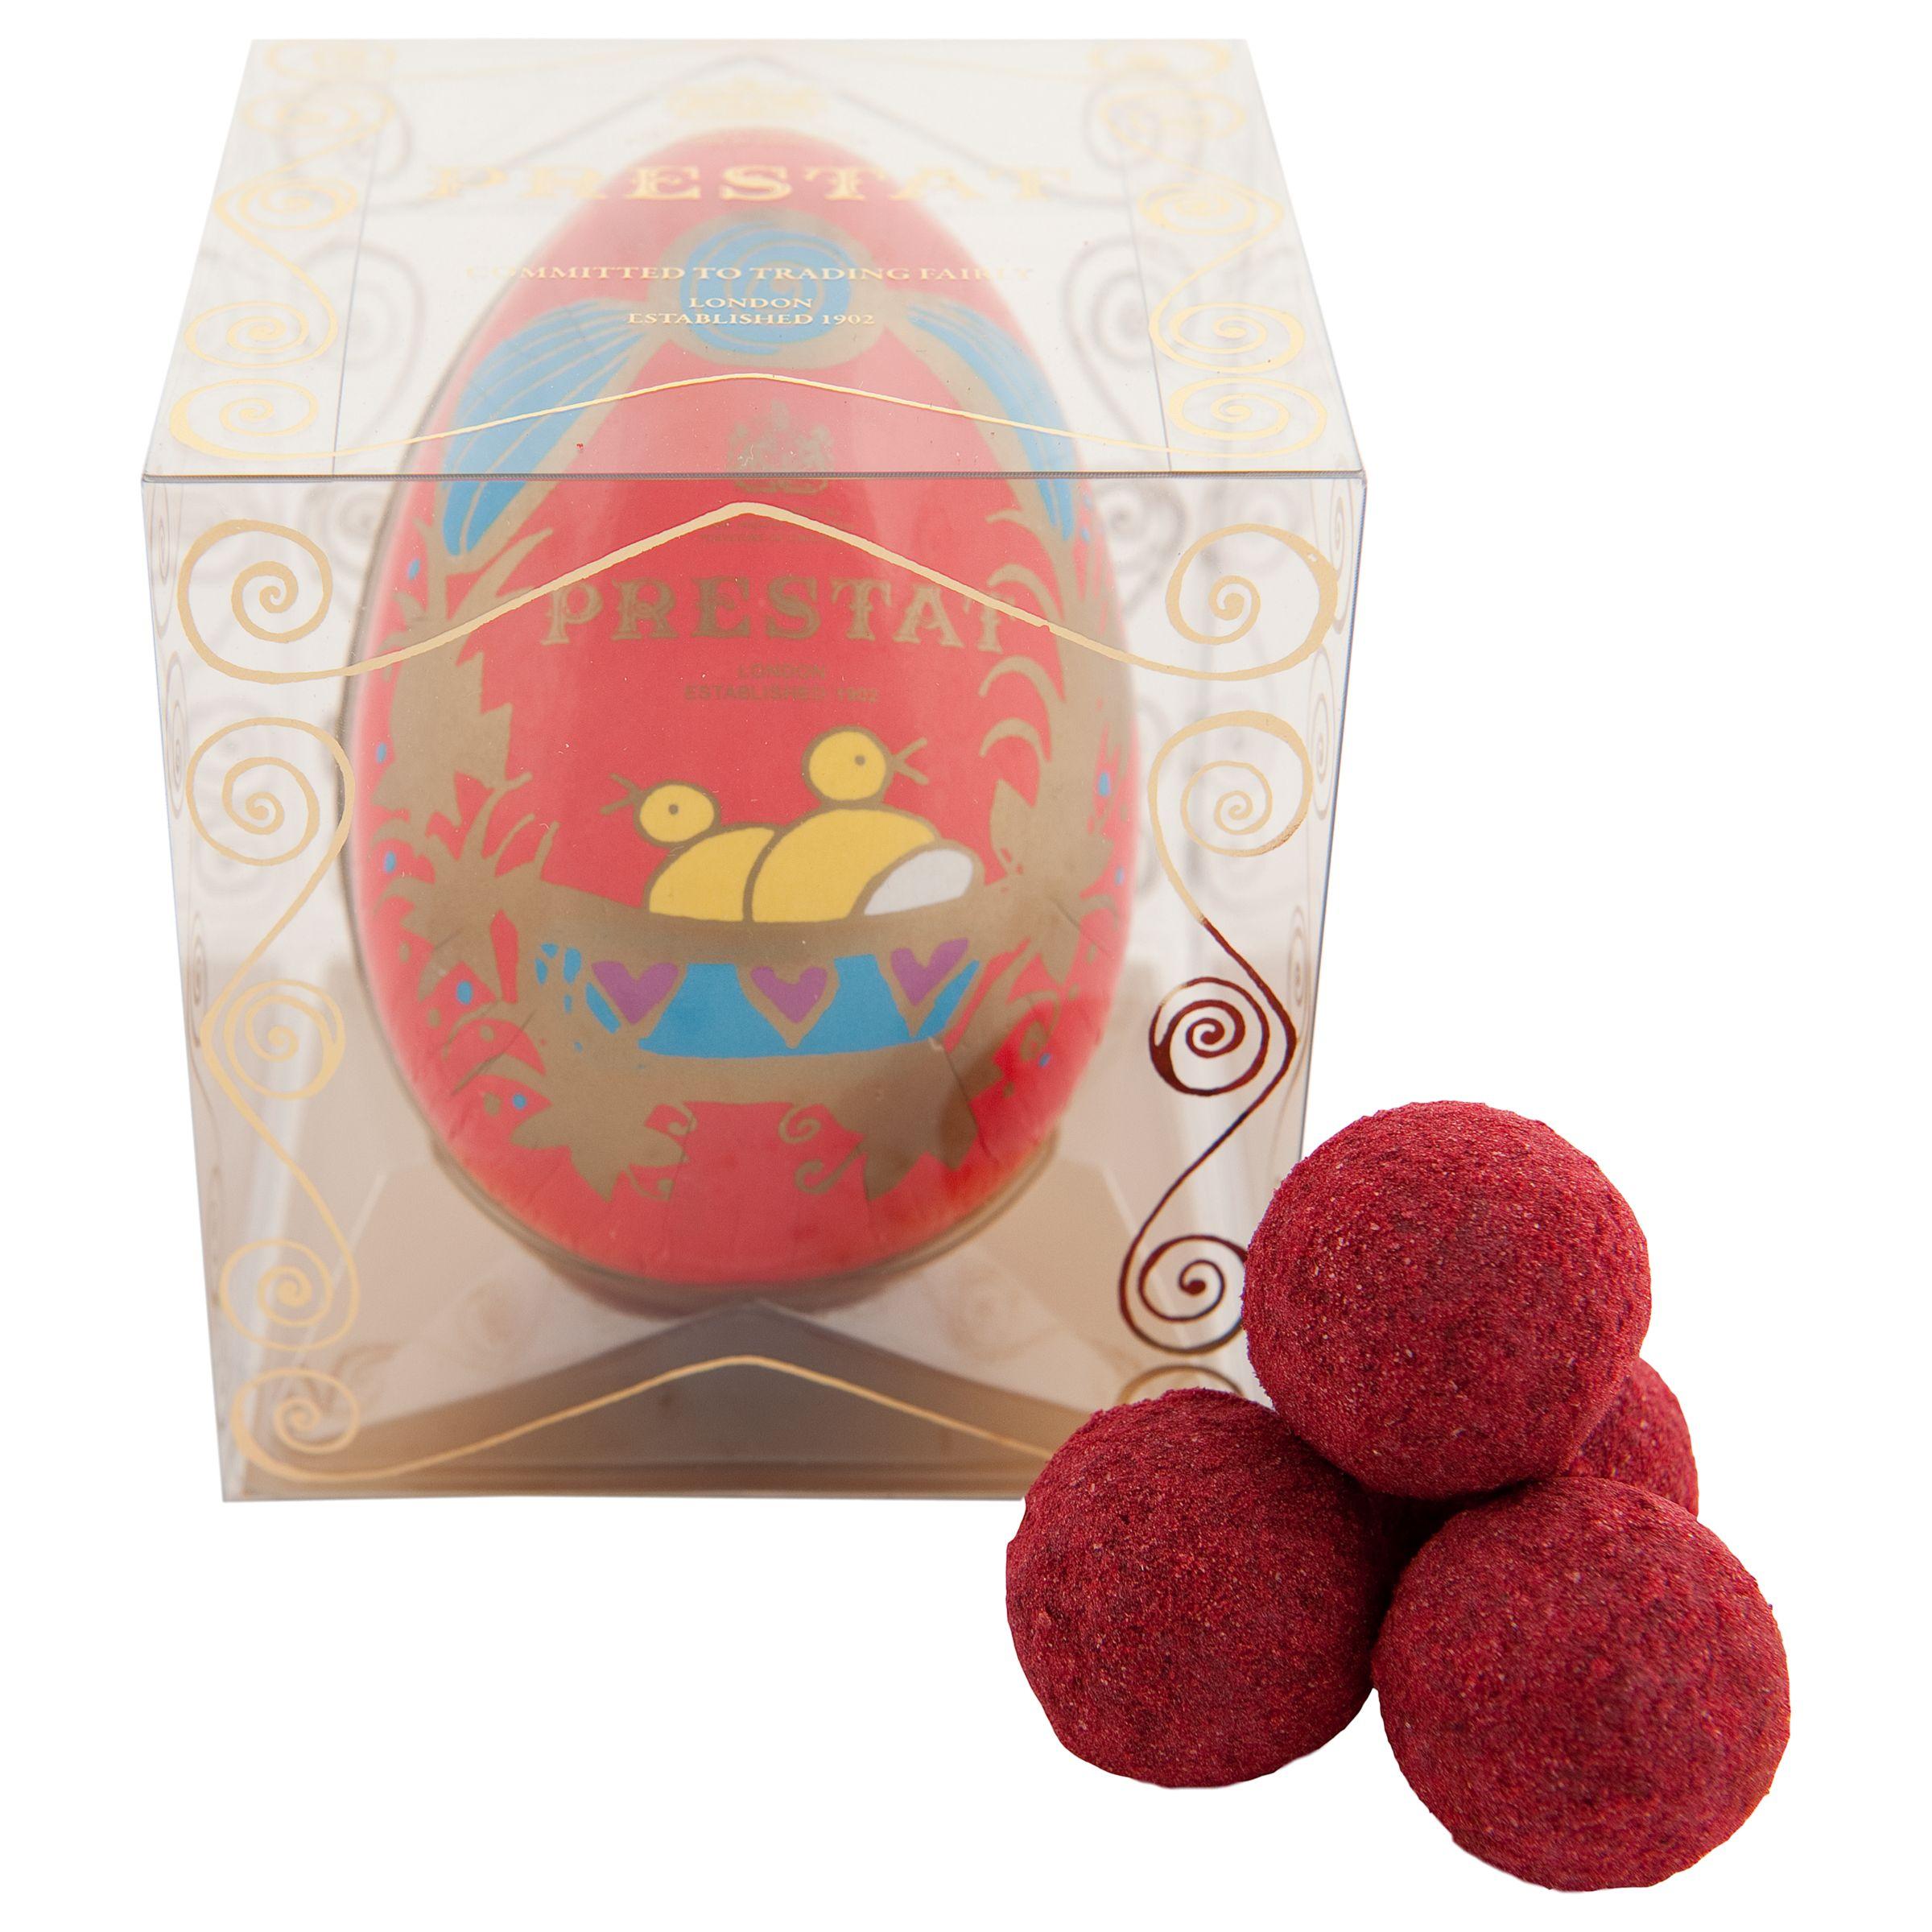 Prestat Prestat Paper Easter Egg Filled With Red Velvet Truffles, 75g